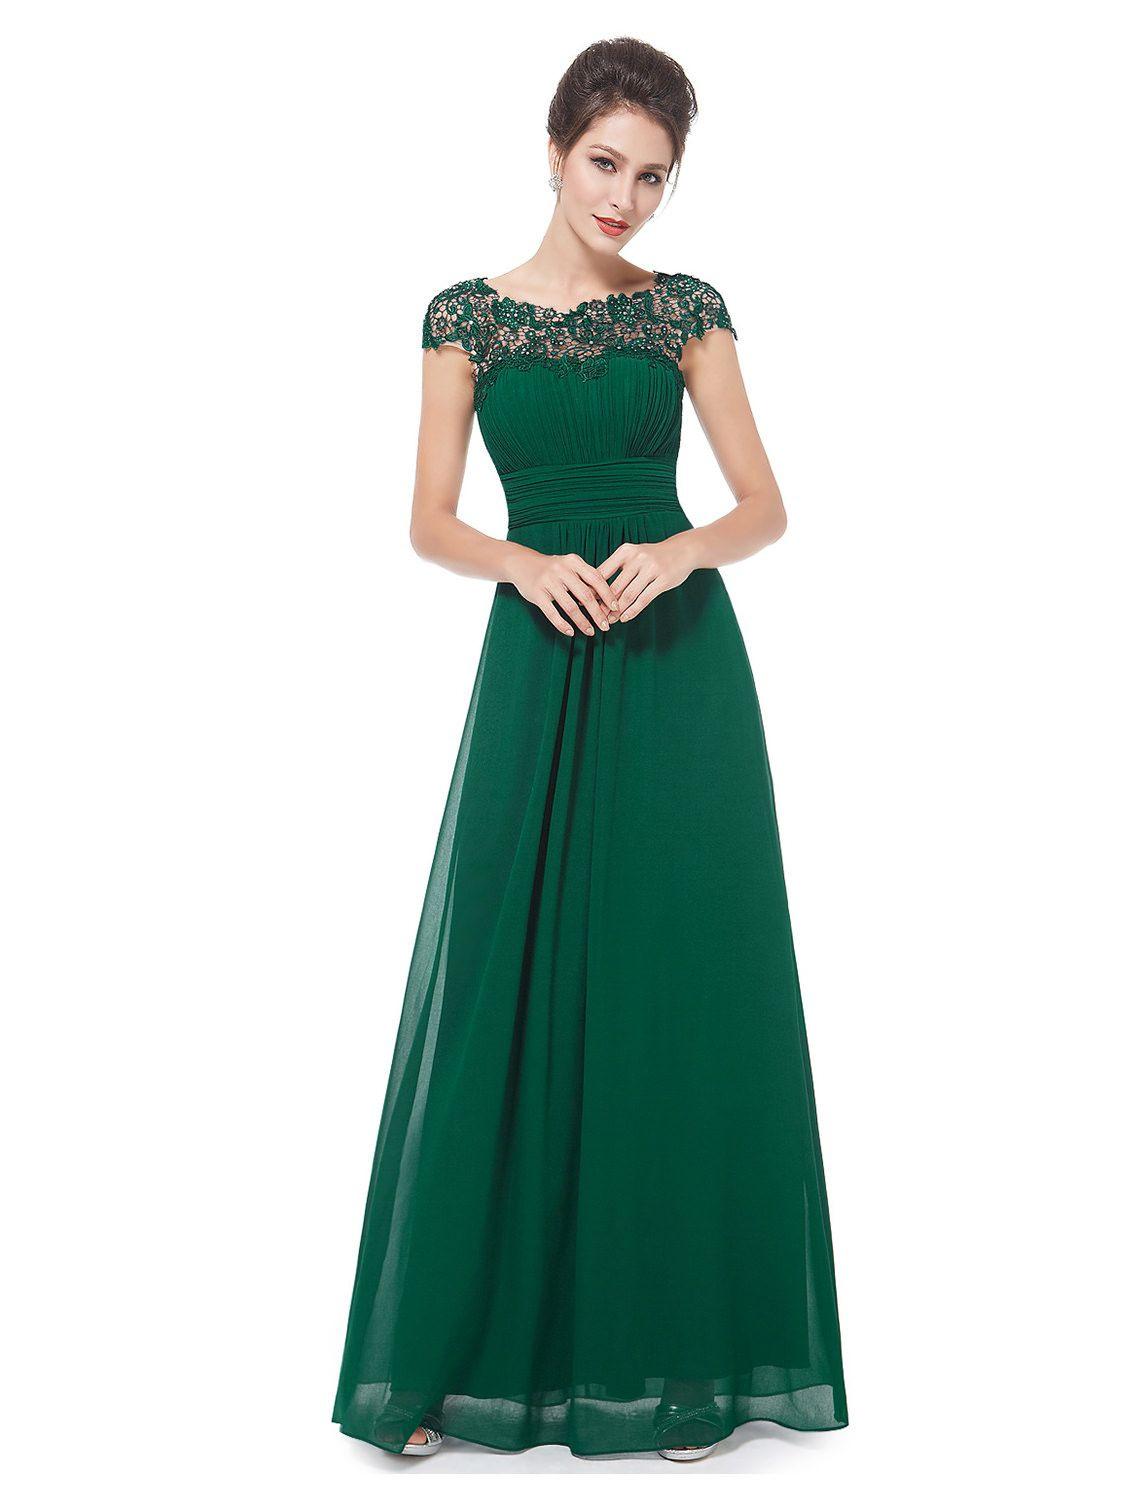 20 Genial Abendkleid In Grün SpezialgebietAbend Coolste Abendkleid In Grün Vertrieb